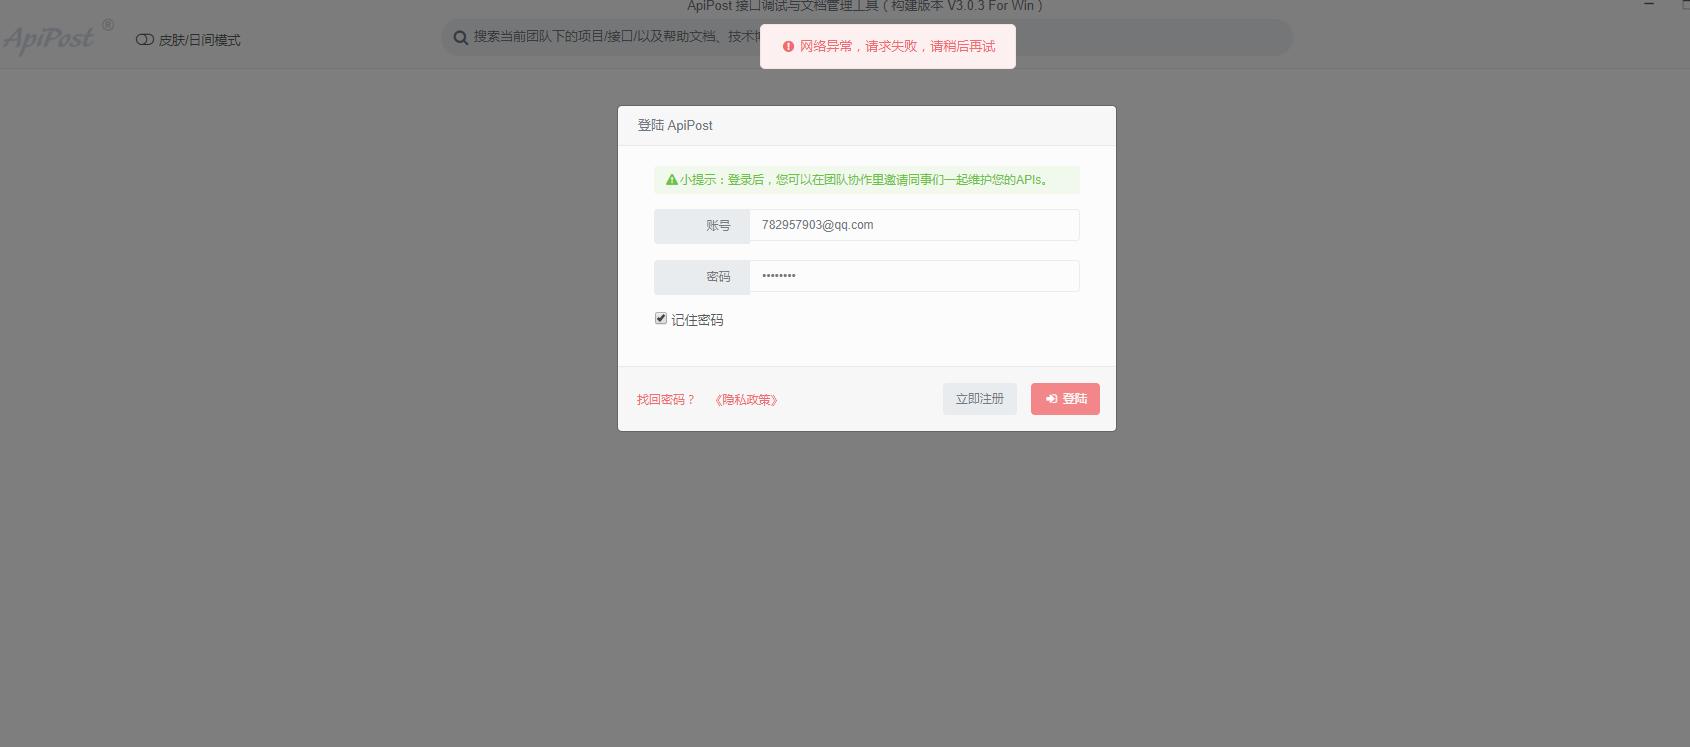 客户端能不能设置免登录模式